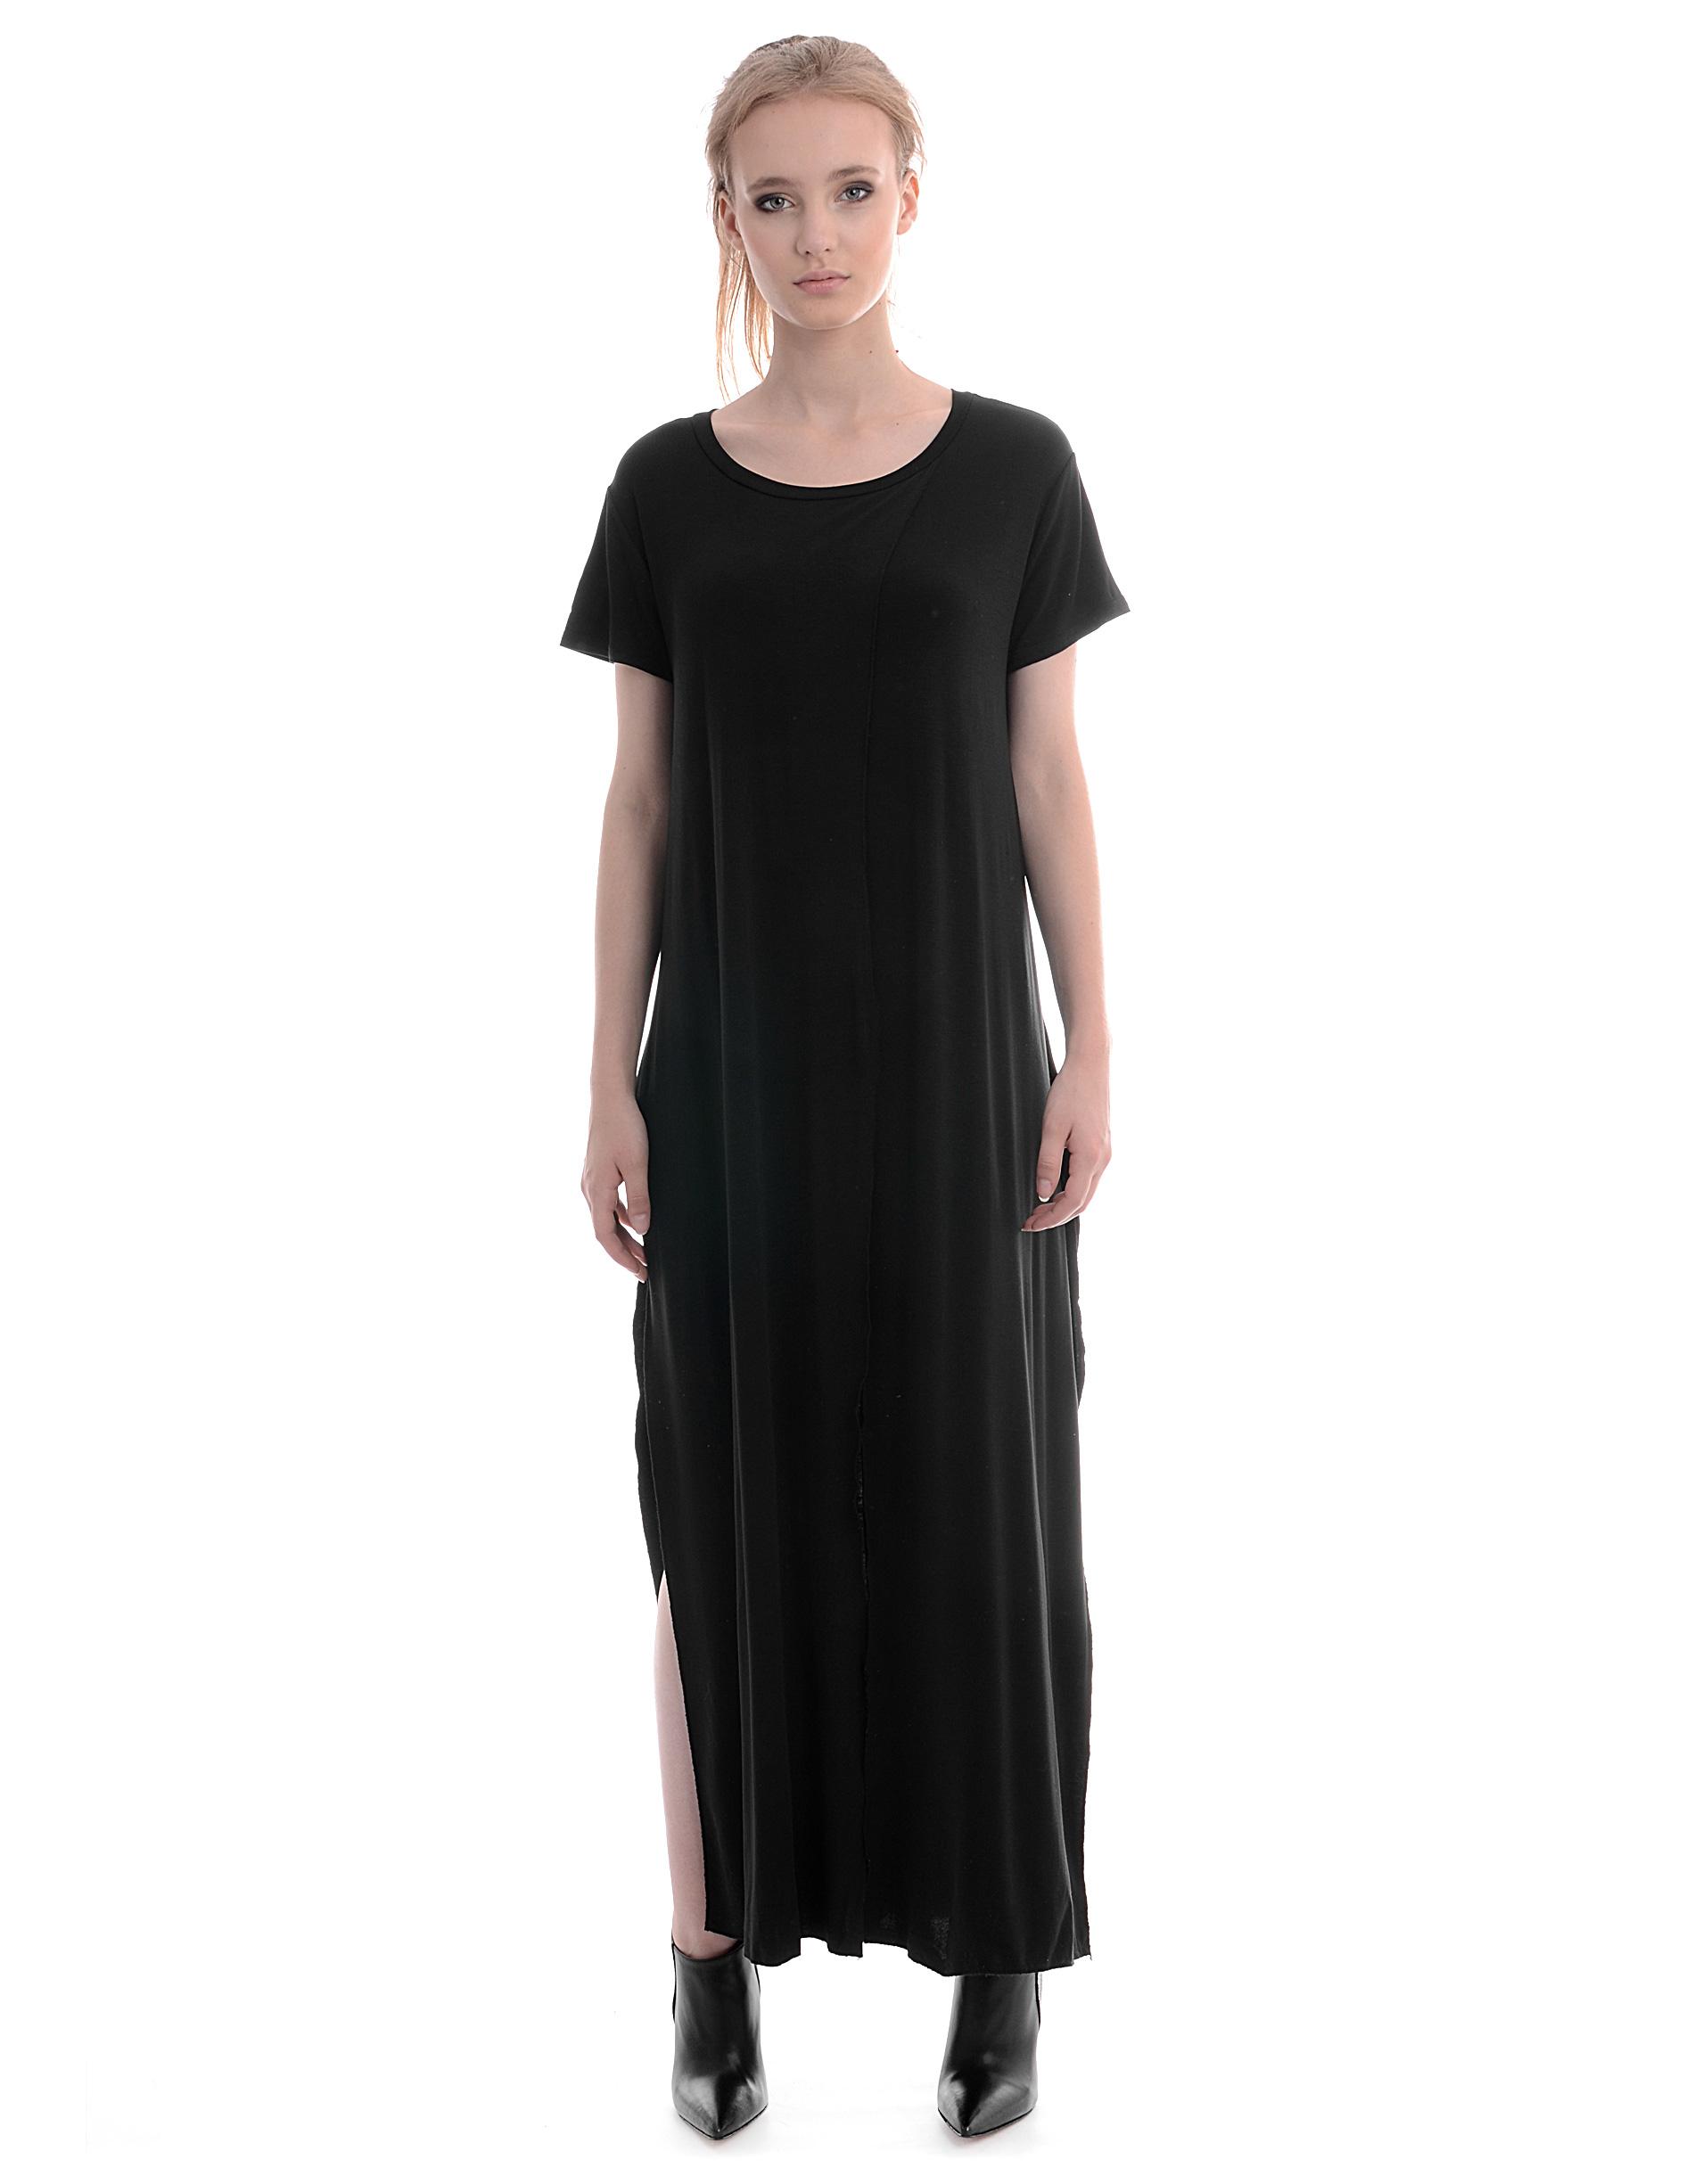 Sukienka - 51249 NERO - Unisono